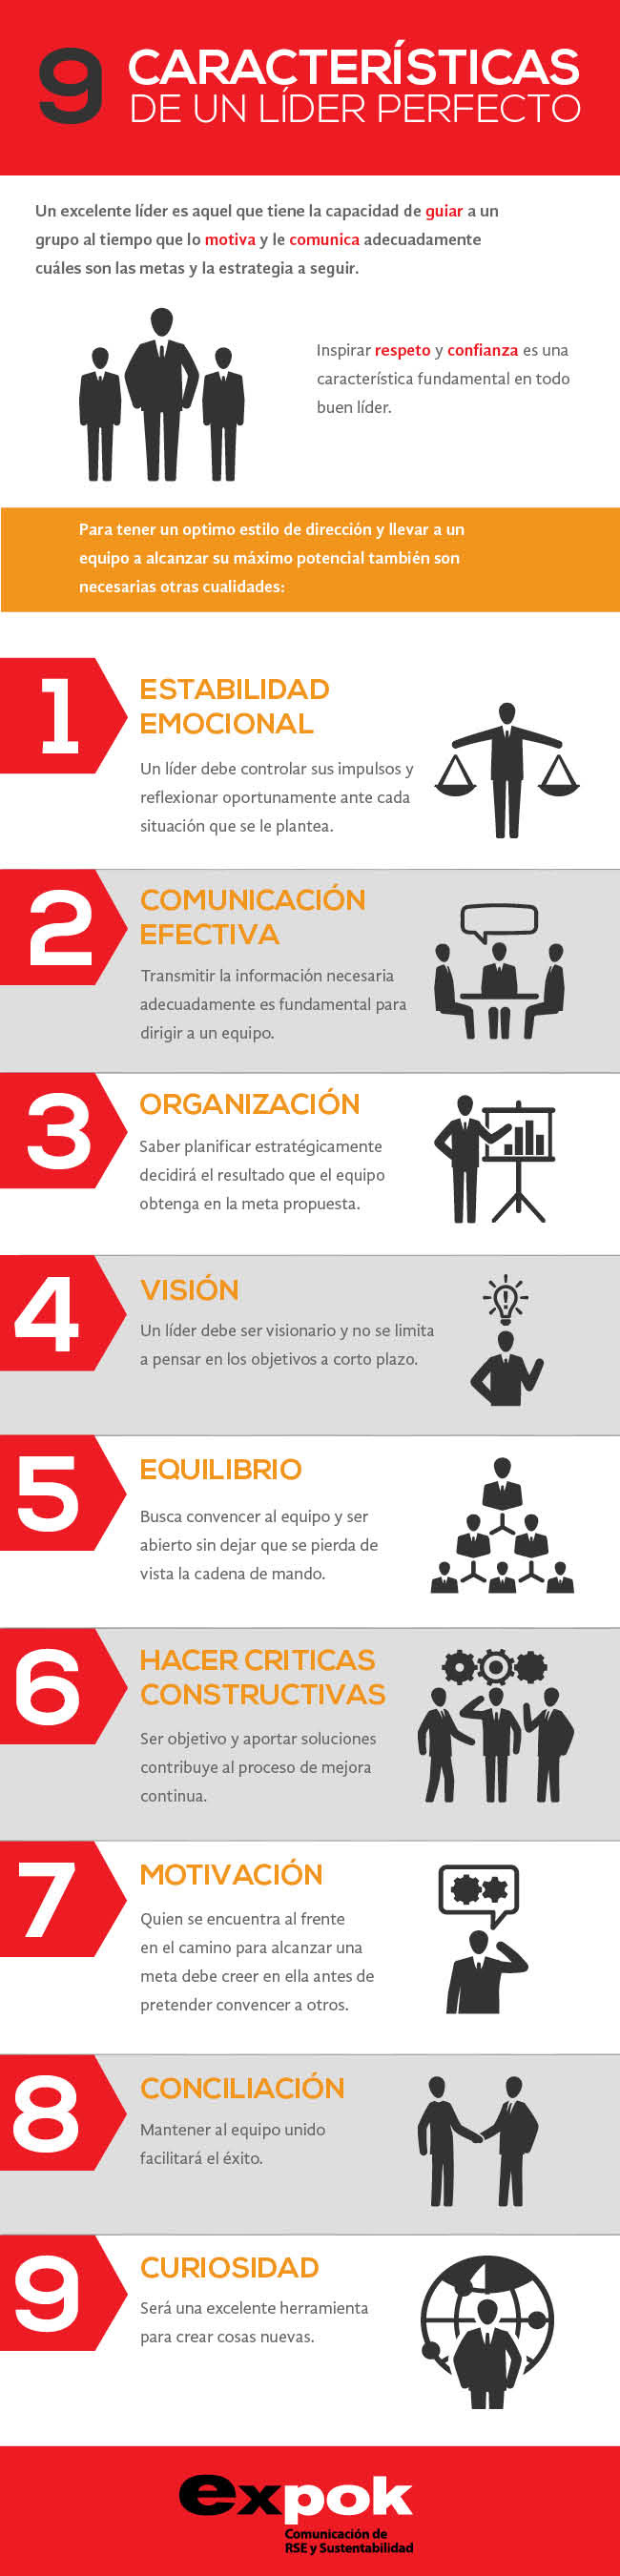 Características de los líderes